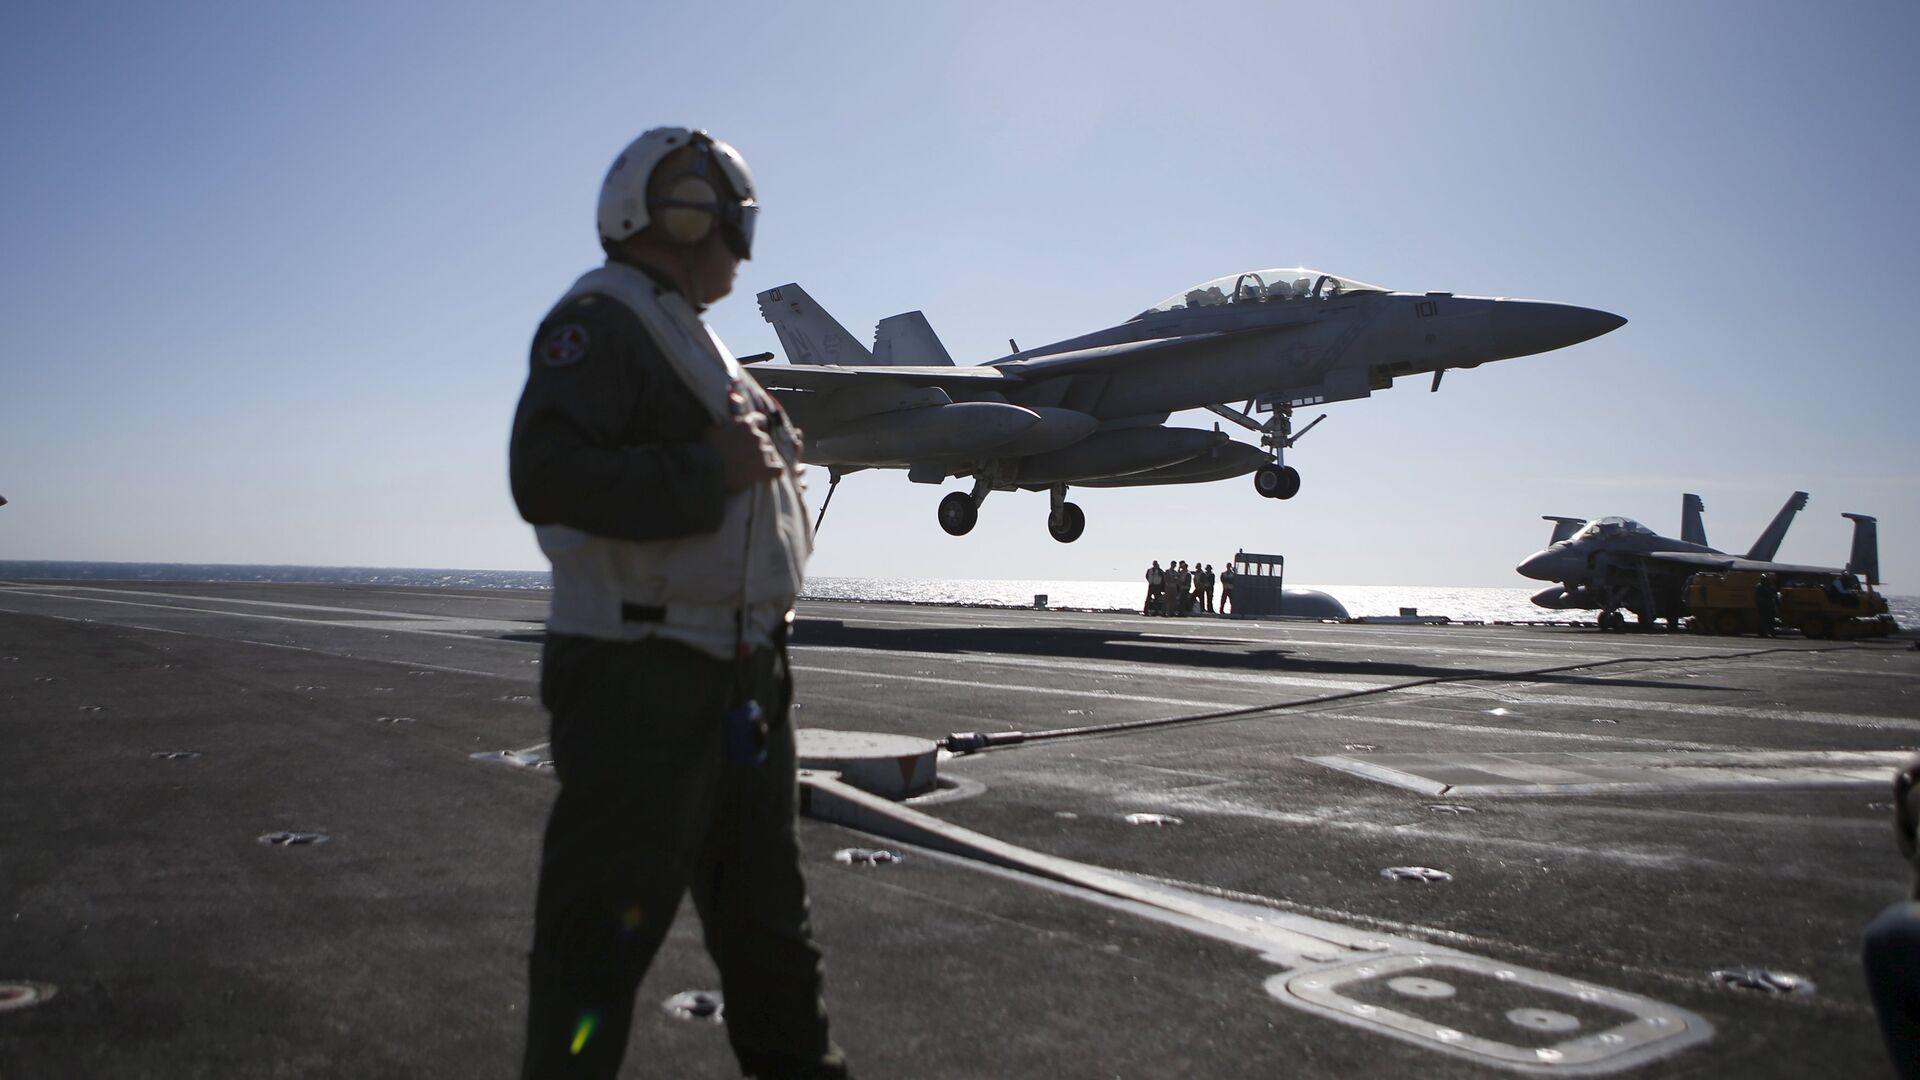 Un caza F/A-18 Super Hornet aterriza sobre el USS Ronald Reagan, 29 de octubre de 2015 - Sputnik Mundo, 1920, 01.09.2021